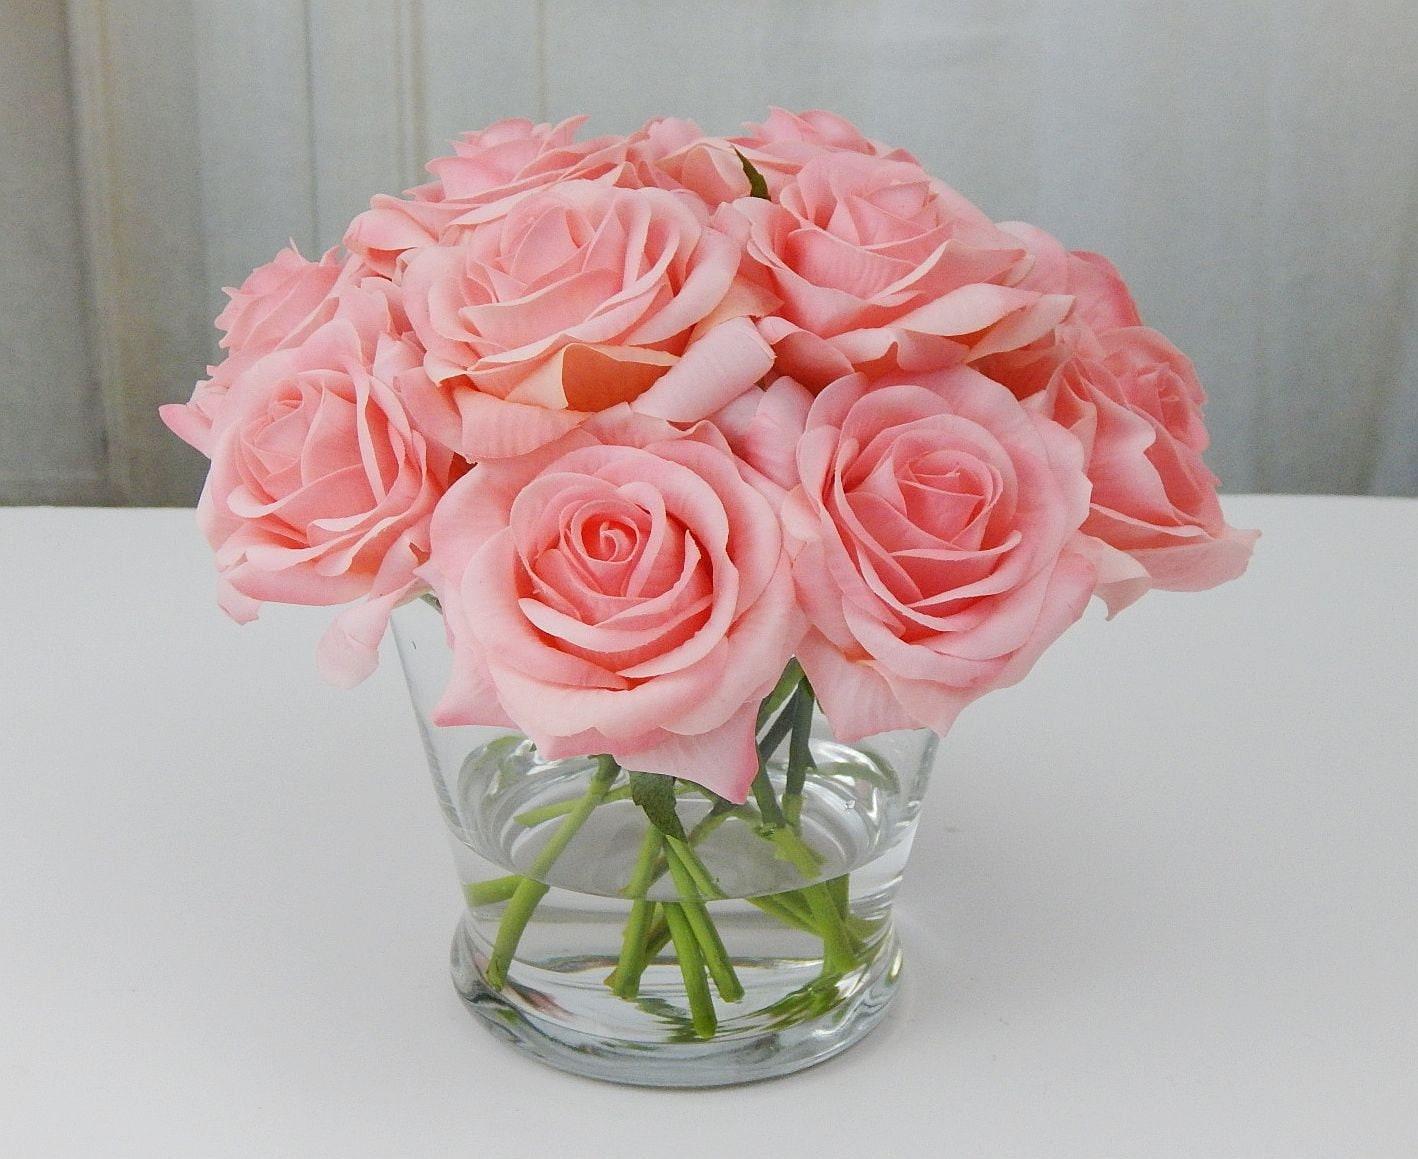 Faux Floral Arrangements for Weddings  Silk Blooms